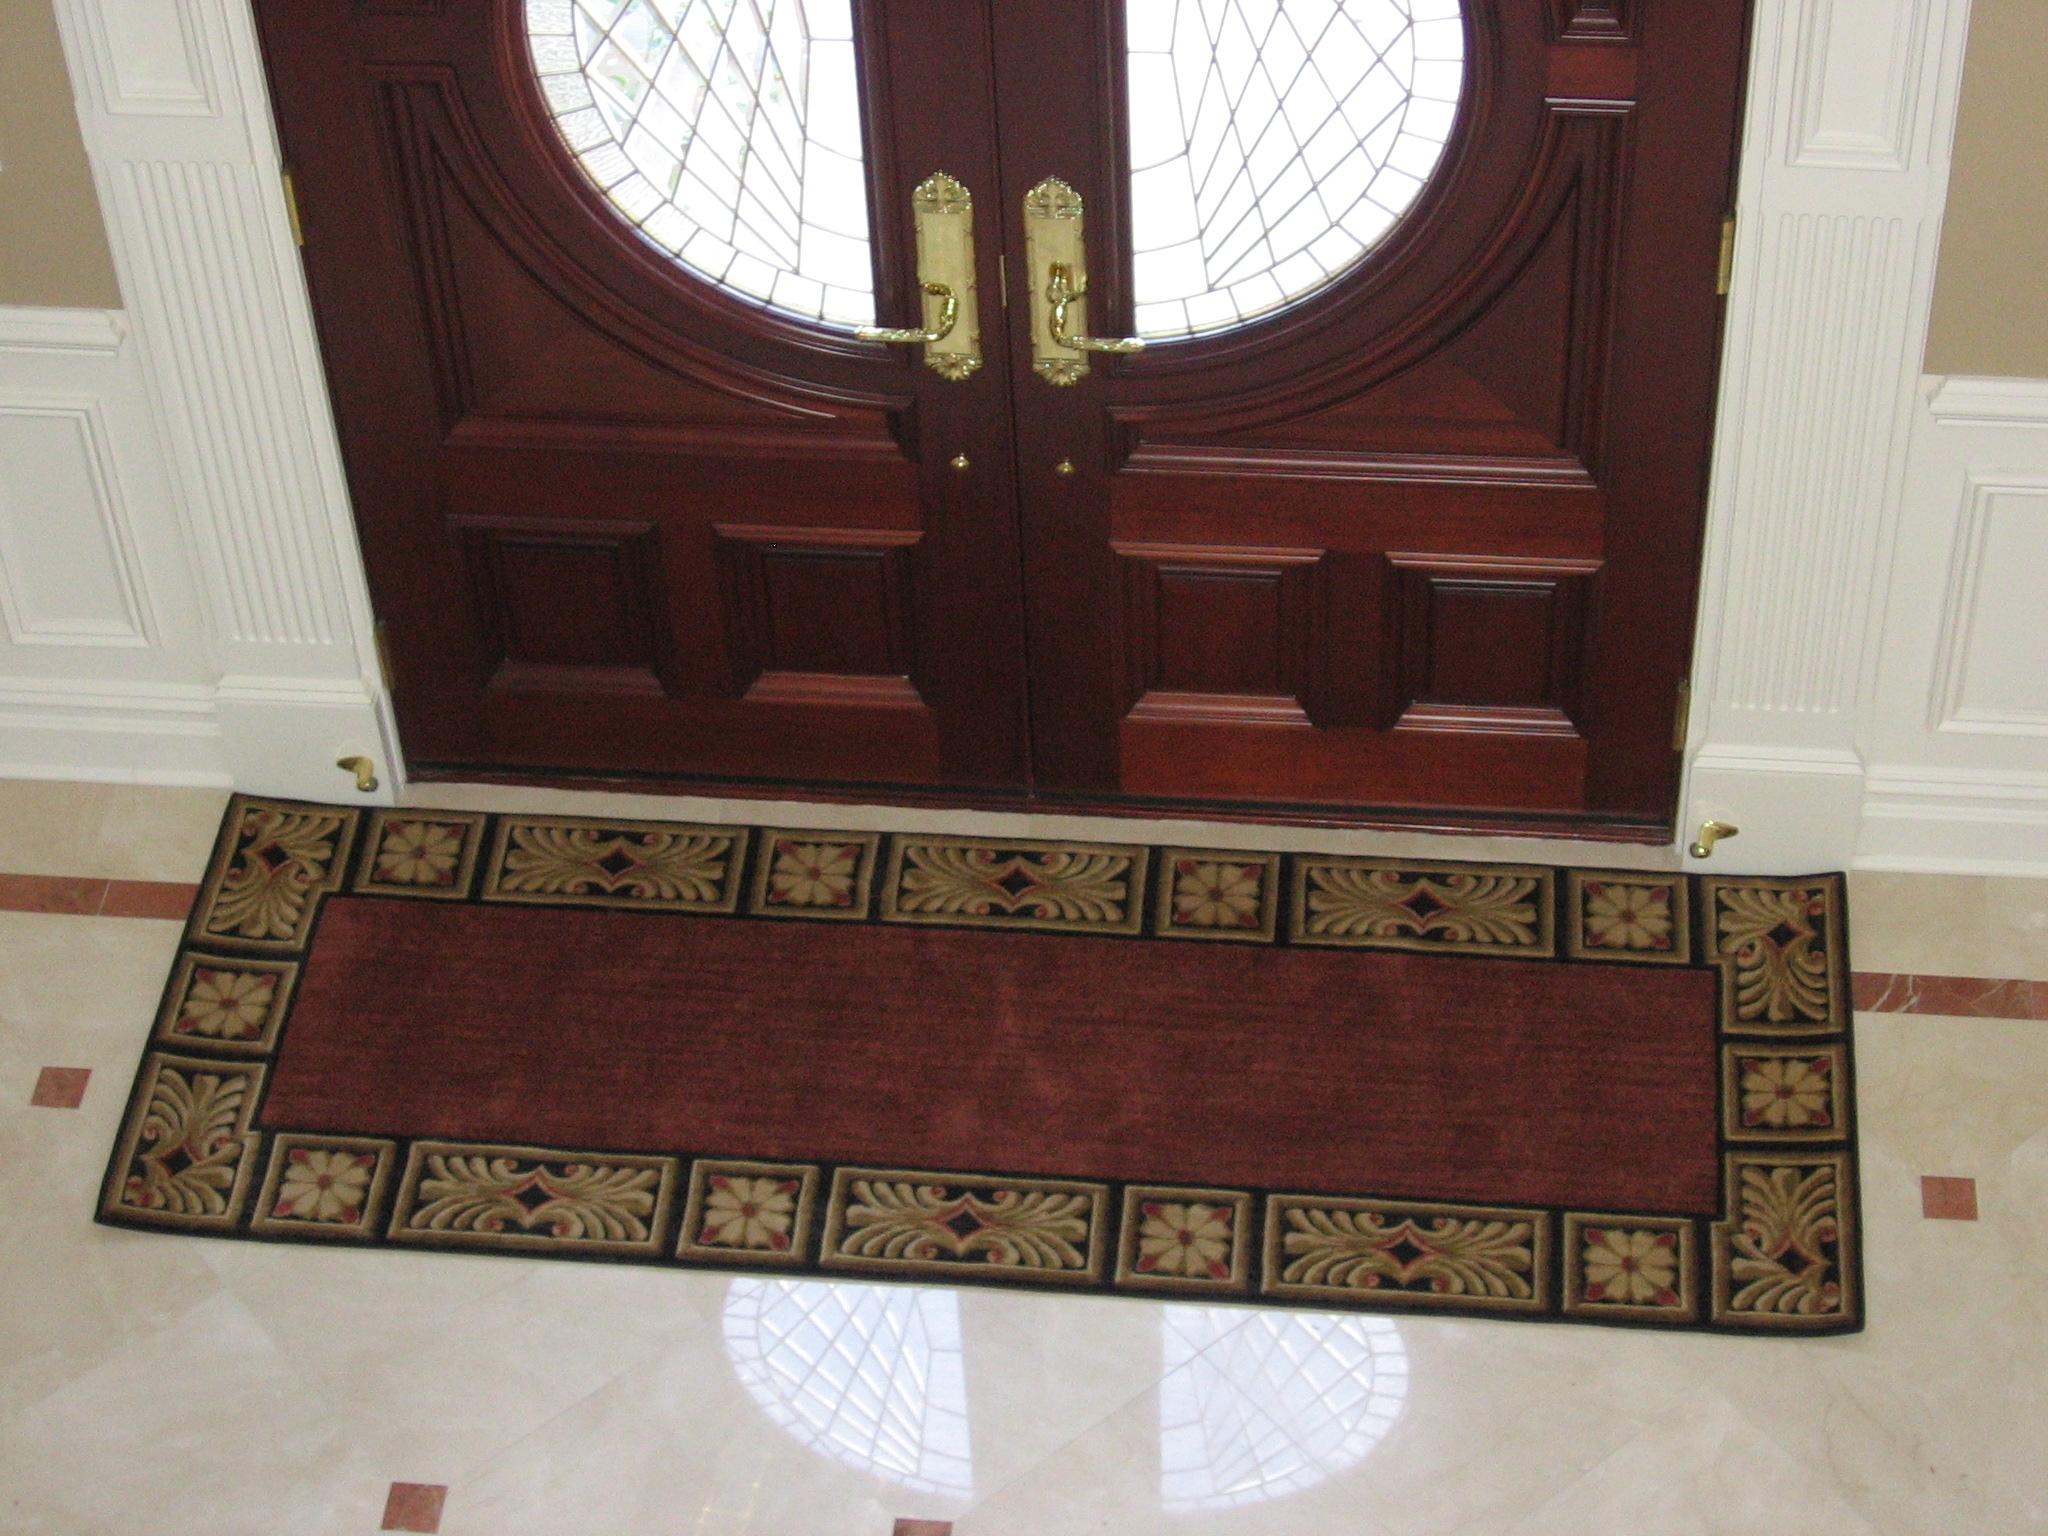 Custom Made Door Rug G Fried Carpet Design Paramus Nj Intended For Custom Made Rug Runners (View 9 of 15)